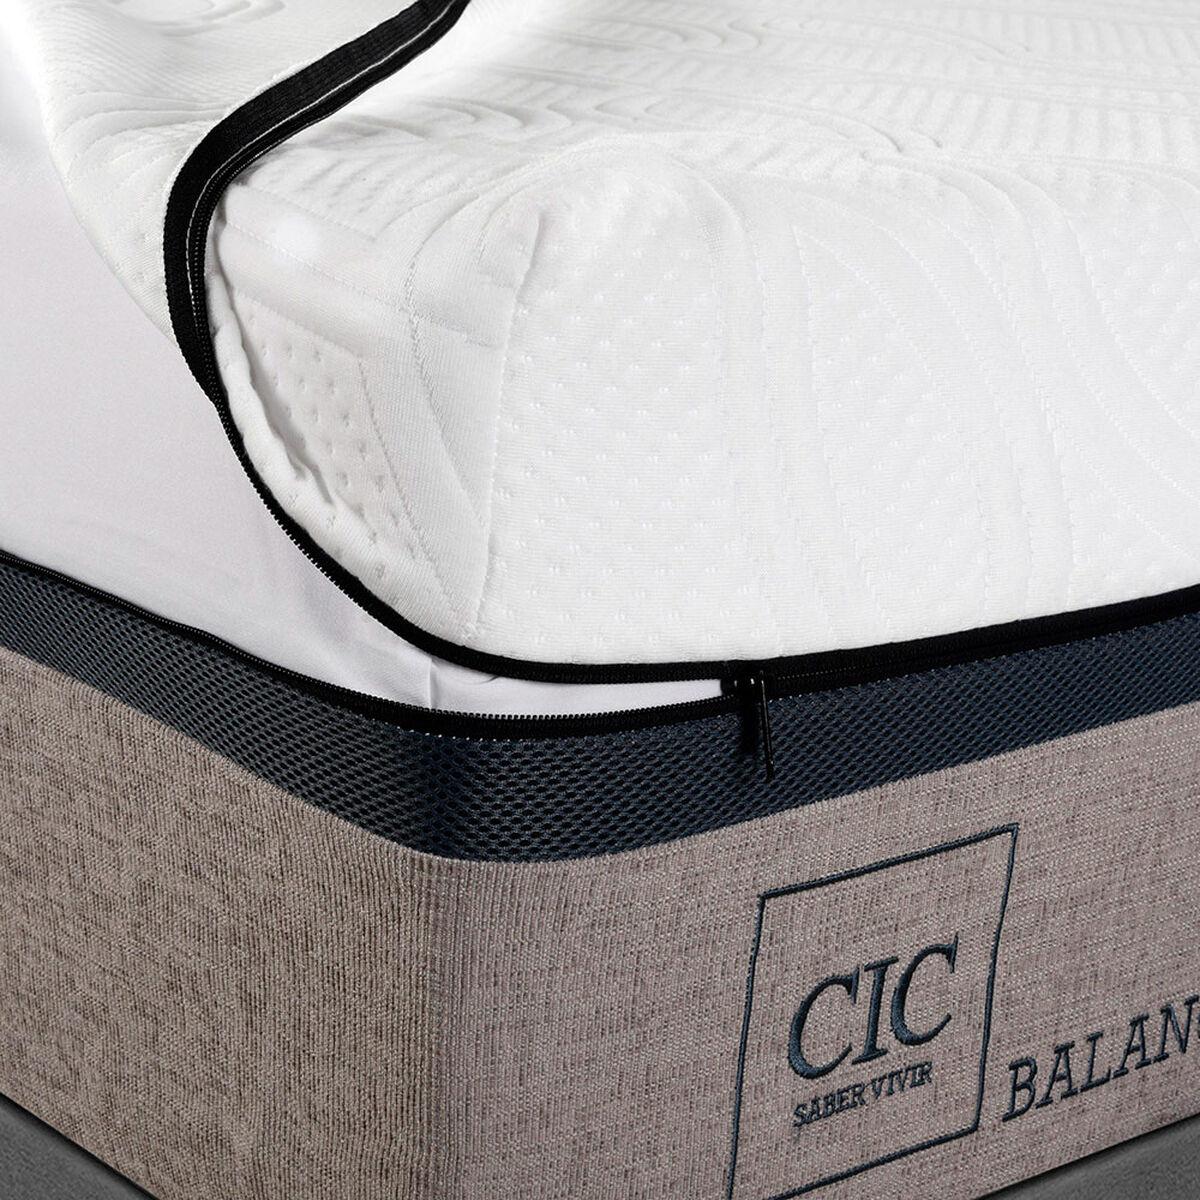 Box Spring CIC Balance King + Set Maderas Torino